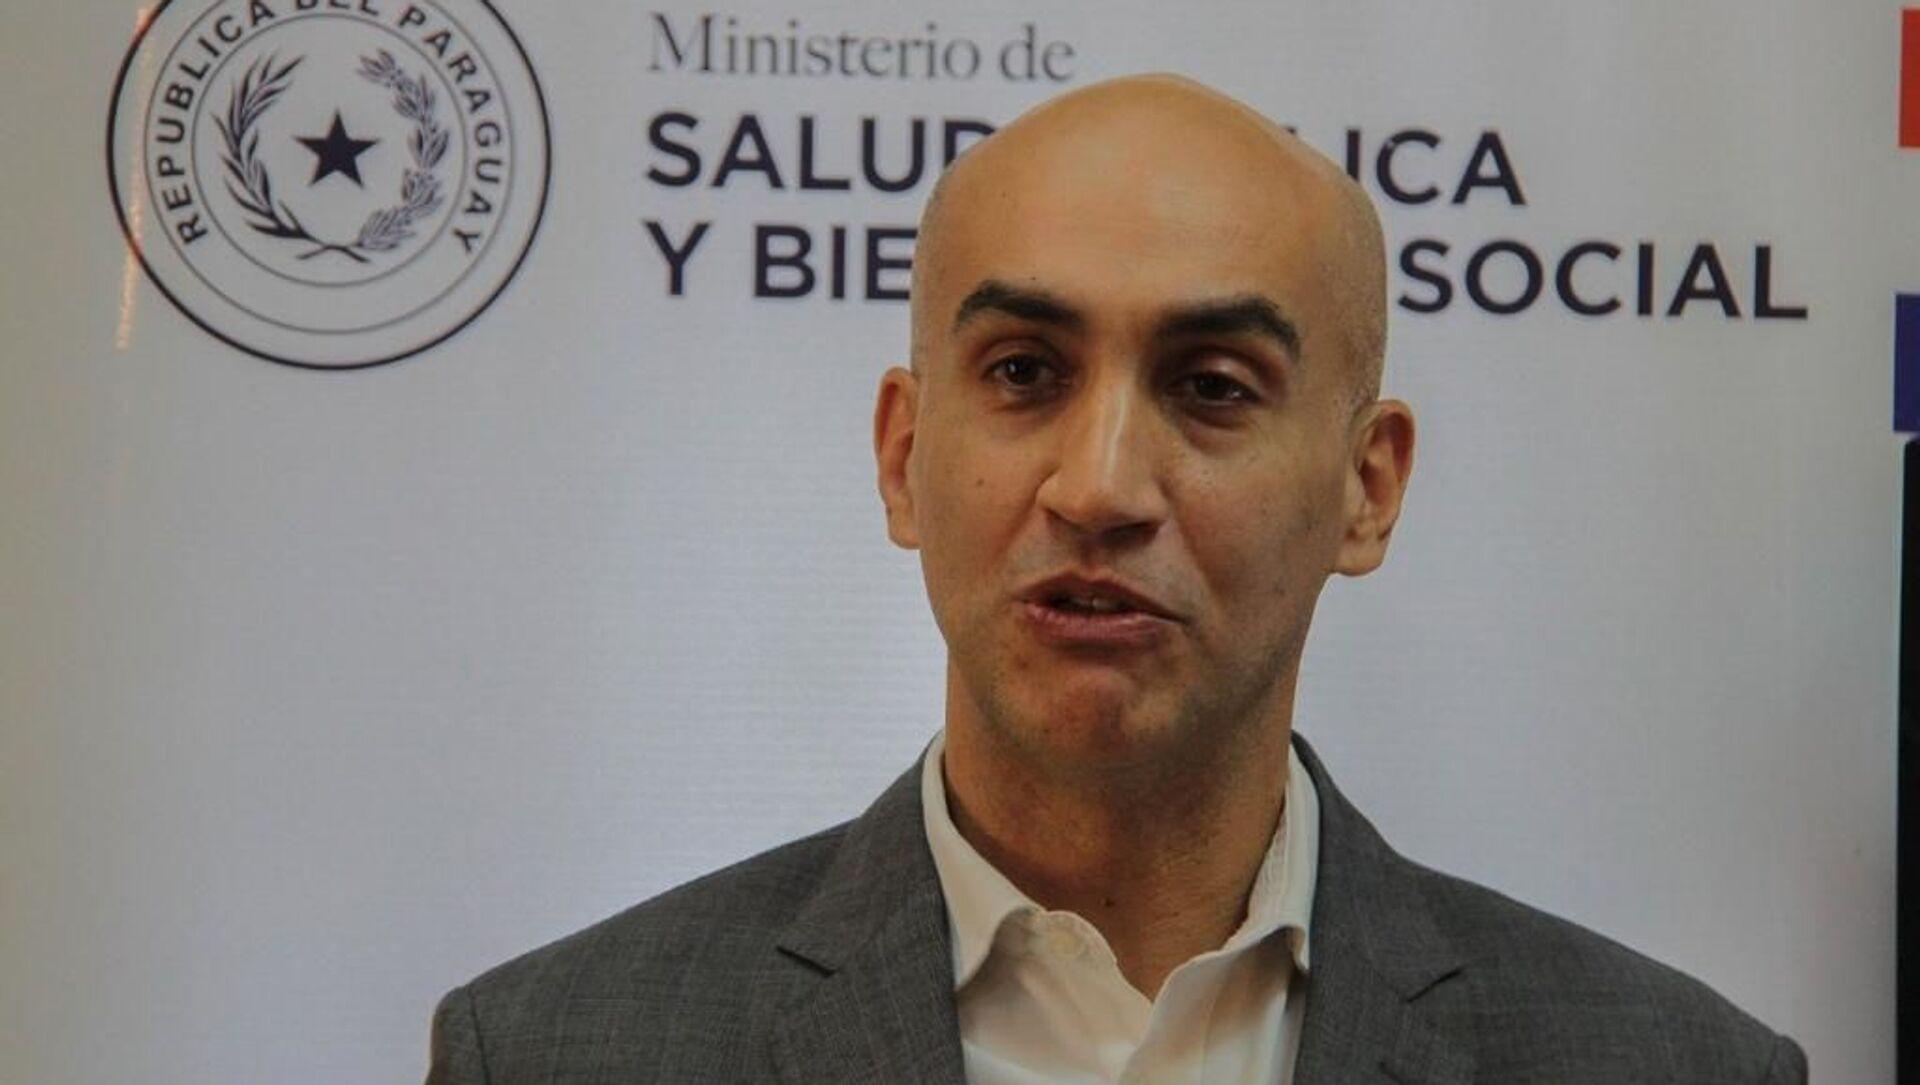 Julio Mazzoleni, ministro de Salud de Paraguay - Sputnik Mundo, 1920, 04.02.2021